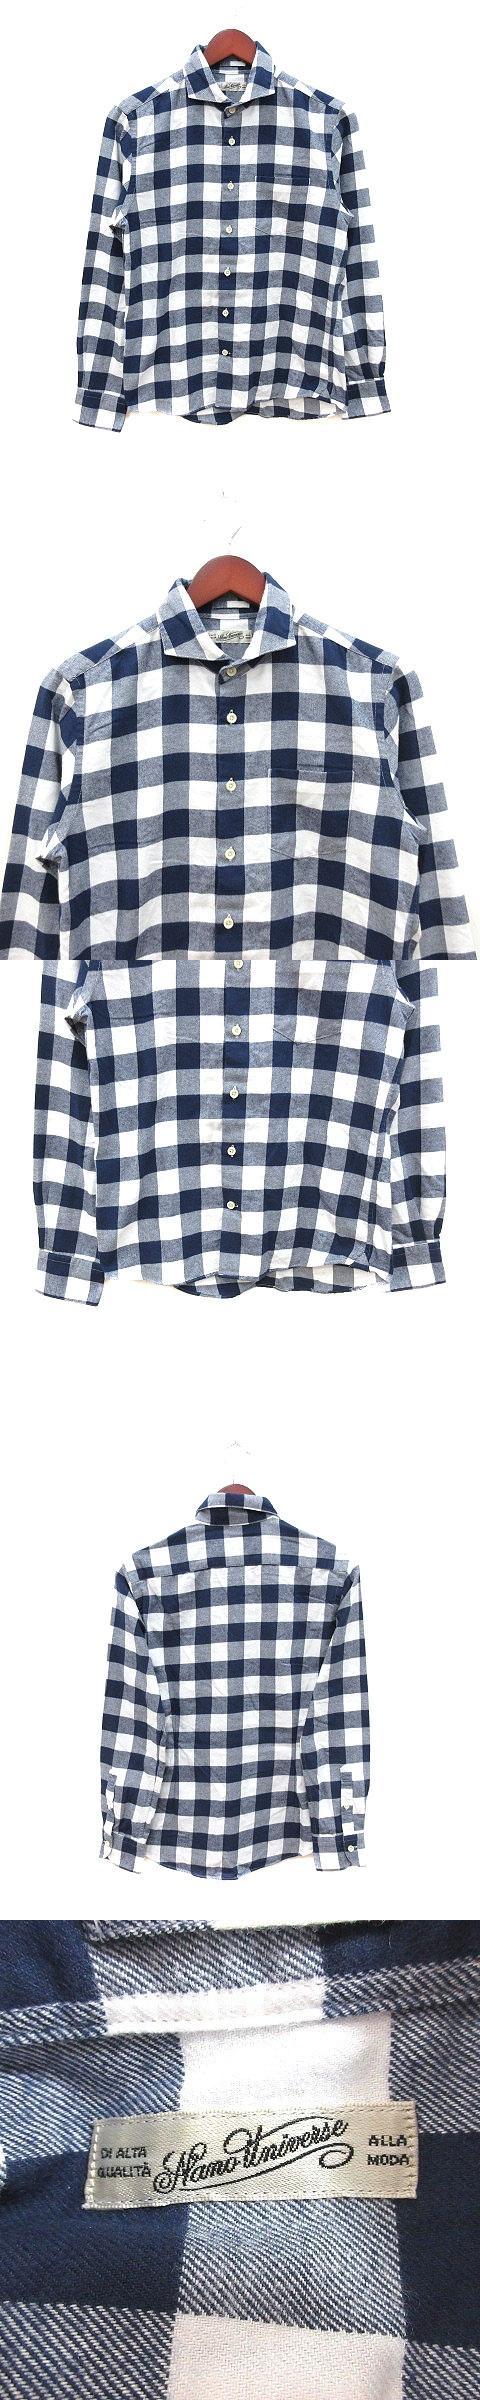 カジュアルシャツ 長袖 チェック S 紺 ネイビー 白 ホワイト /CT